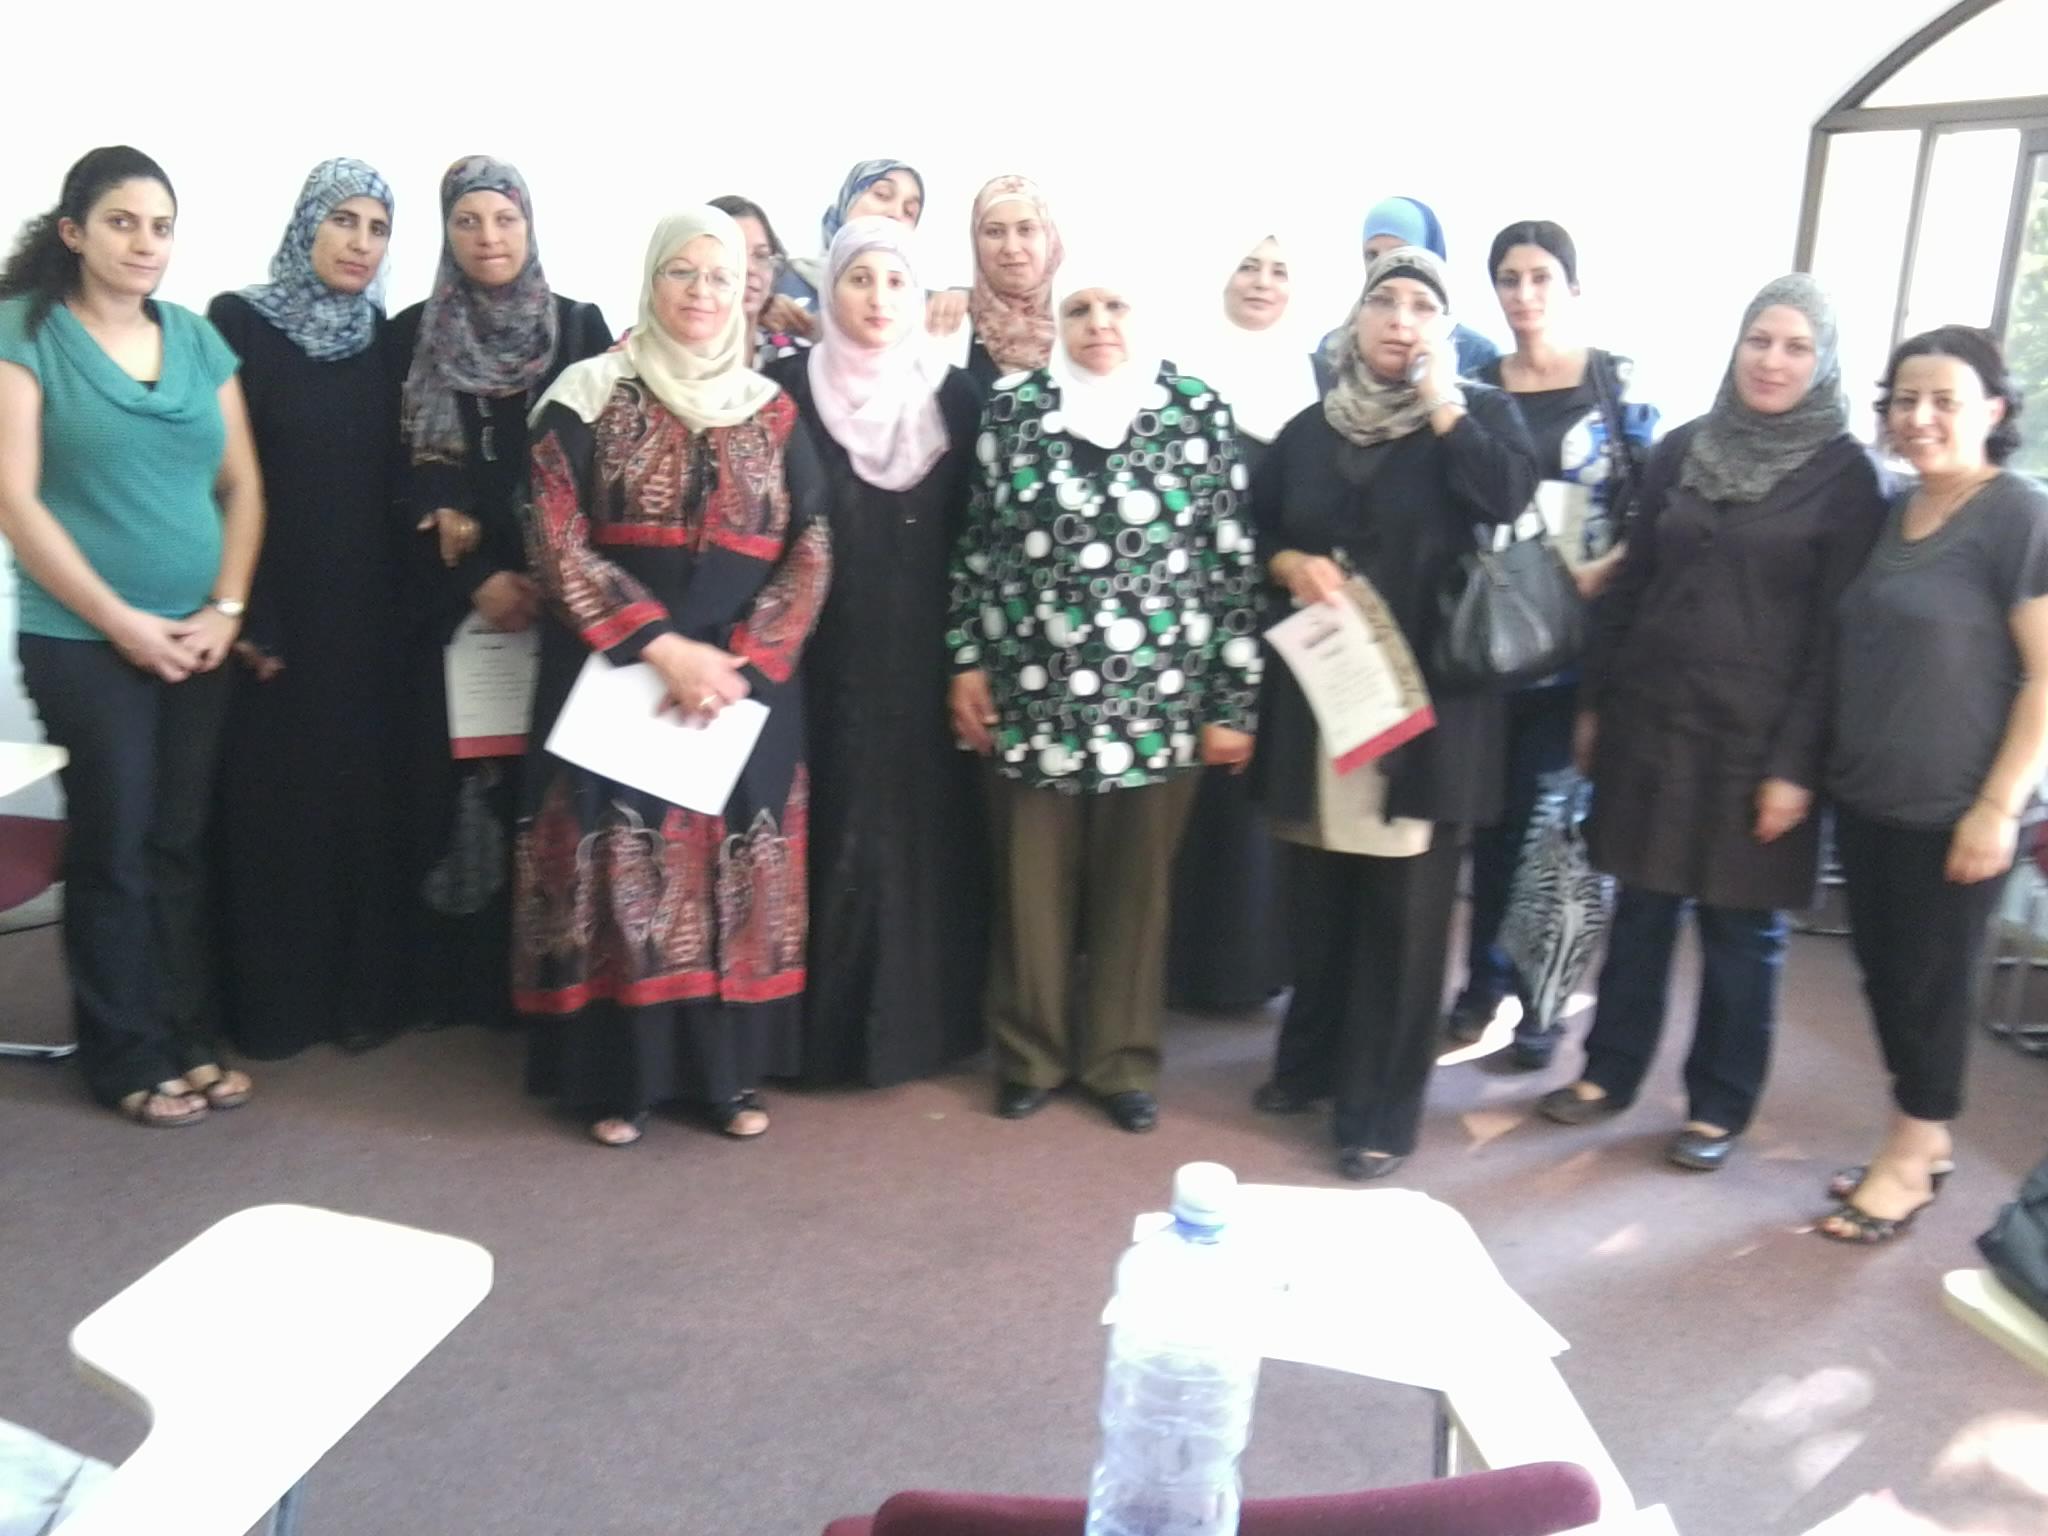 اختتام دورة للتربية الجنسية لمجموعة حاضنات ومعلمات روضات في القدس